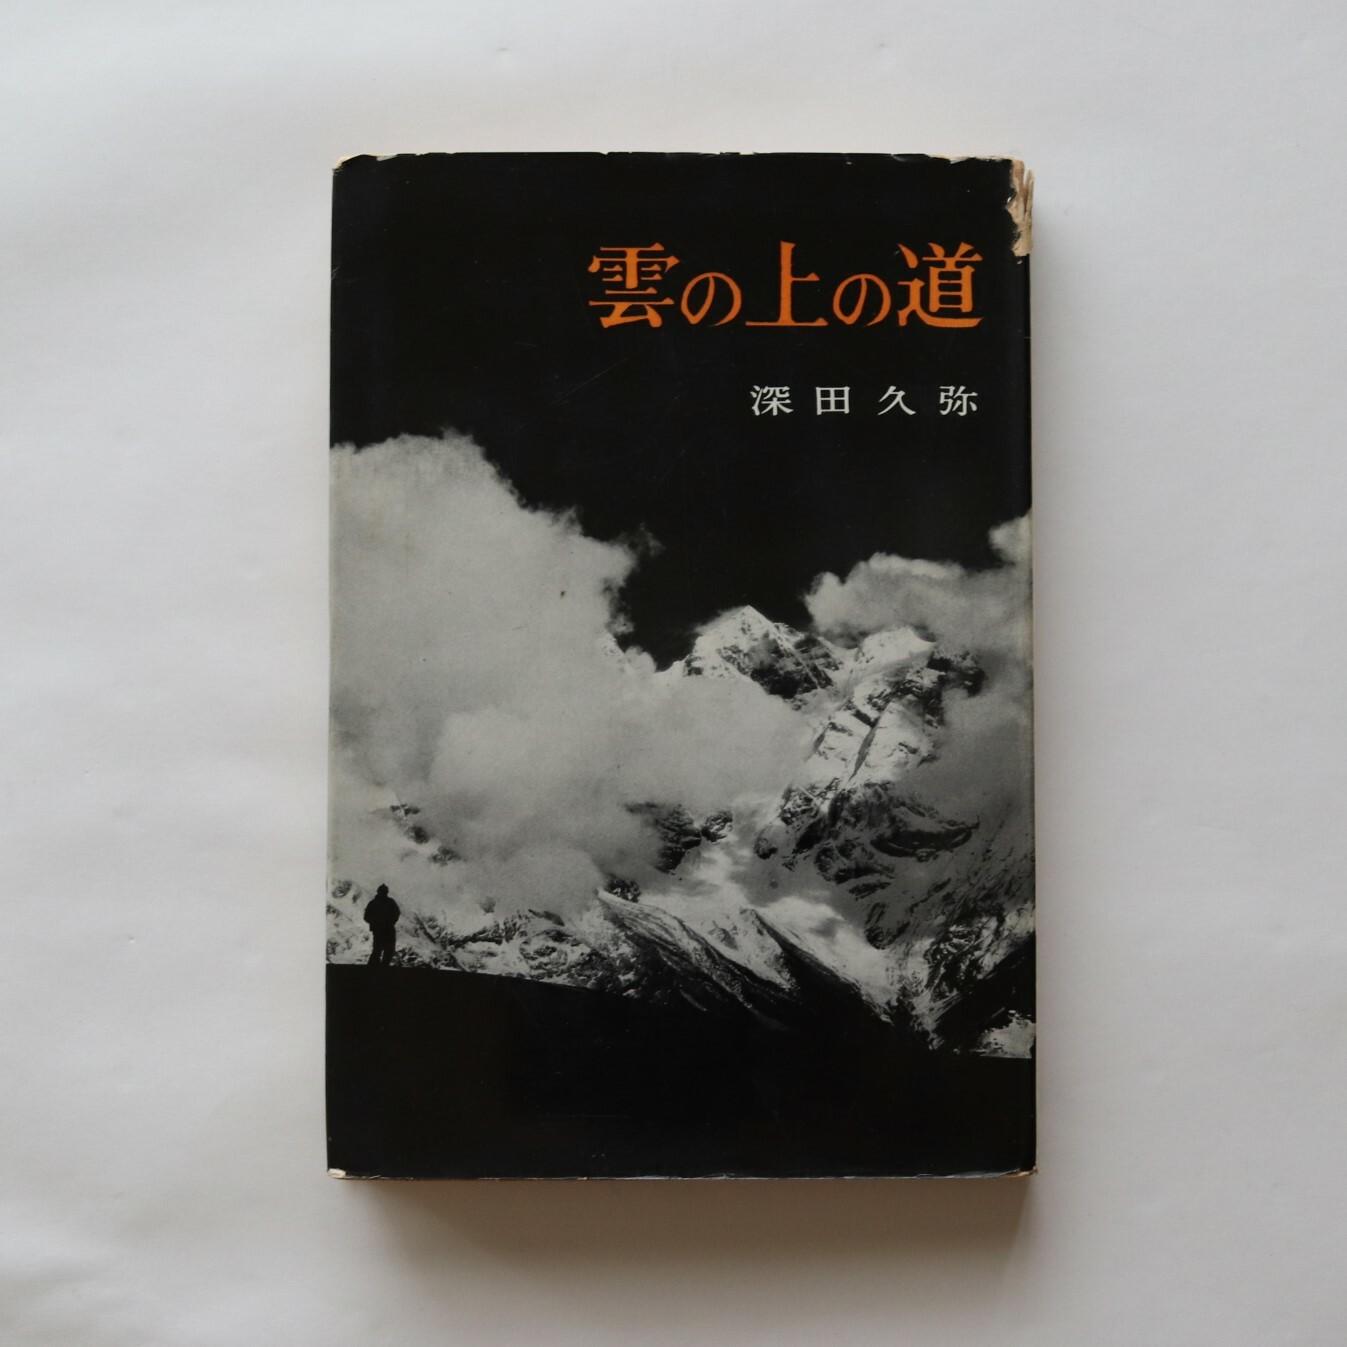 雲の上の道 / 深田久弥 / 新潮社